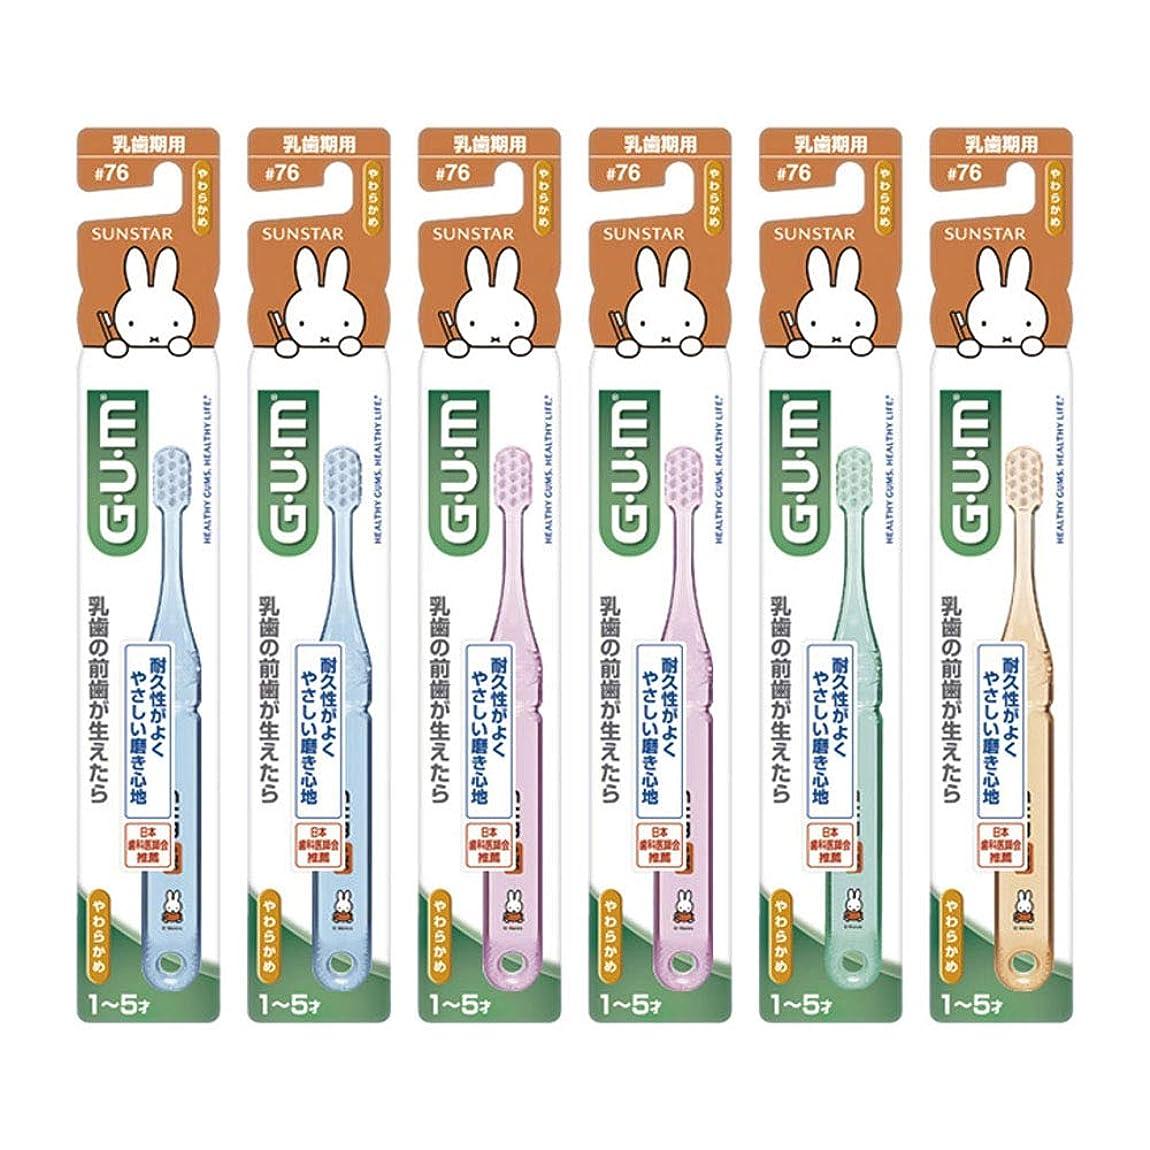 合法オデュッセウス月面GUM(ガム) デンタル こども 歯ブラシ #76 [乳歯期用/やわらかめ] 6本パック+ おまけつき【Amazon.co.jp限定】